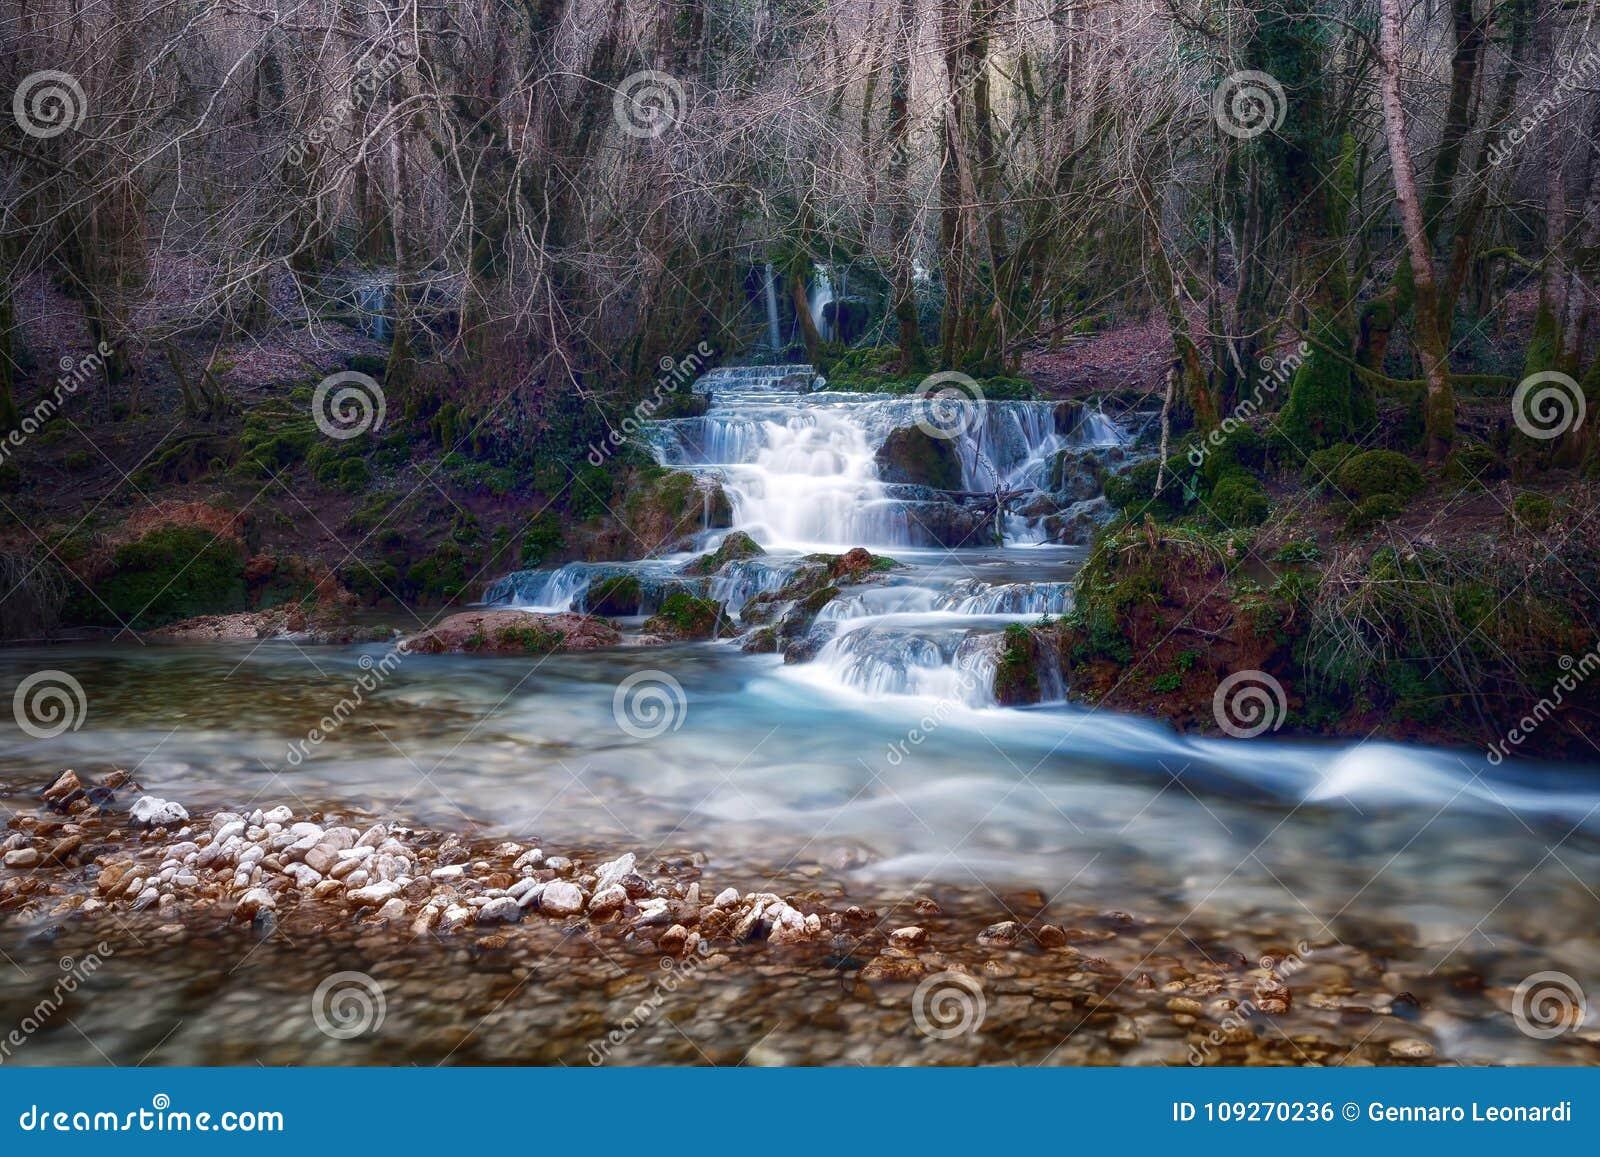 Wasserfälle nahe der Quelle des Flusses Aniene